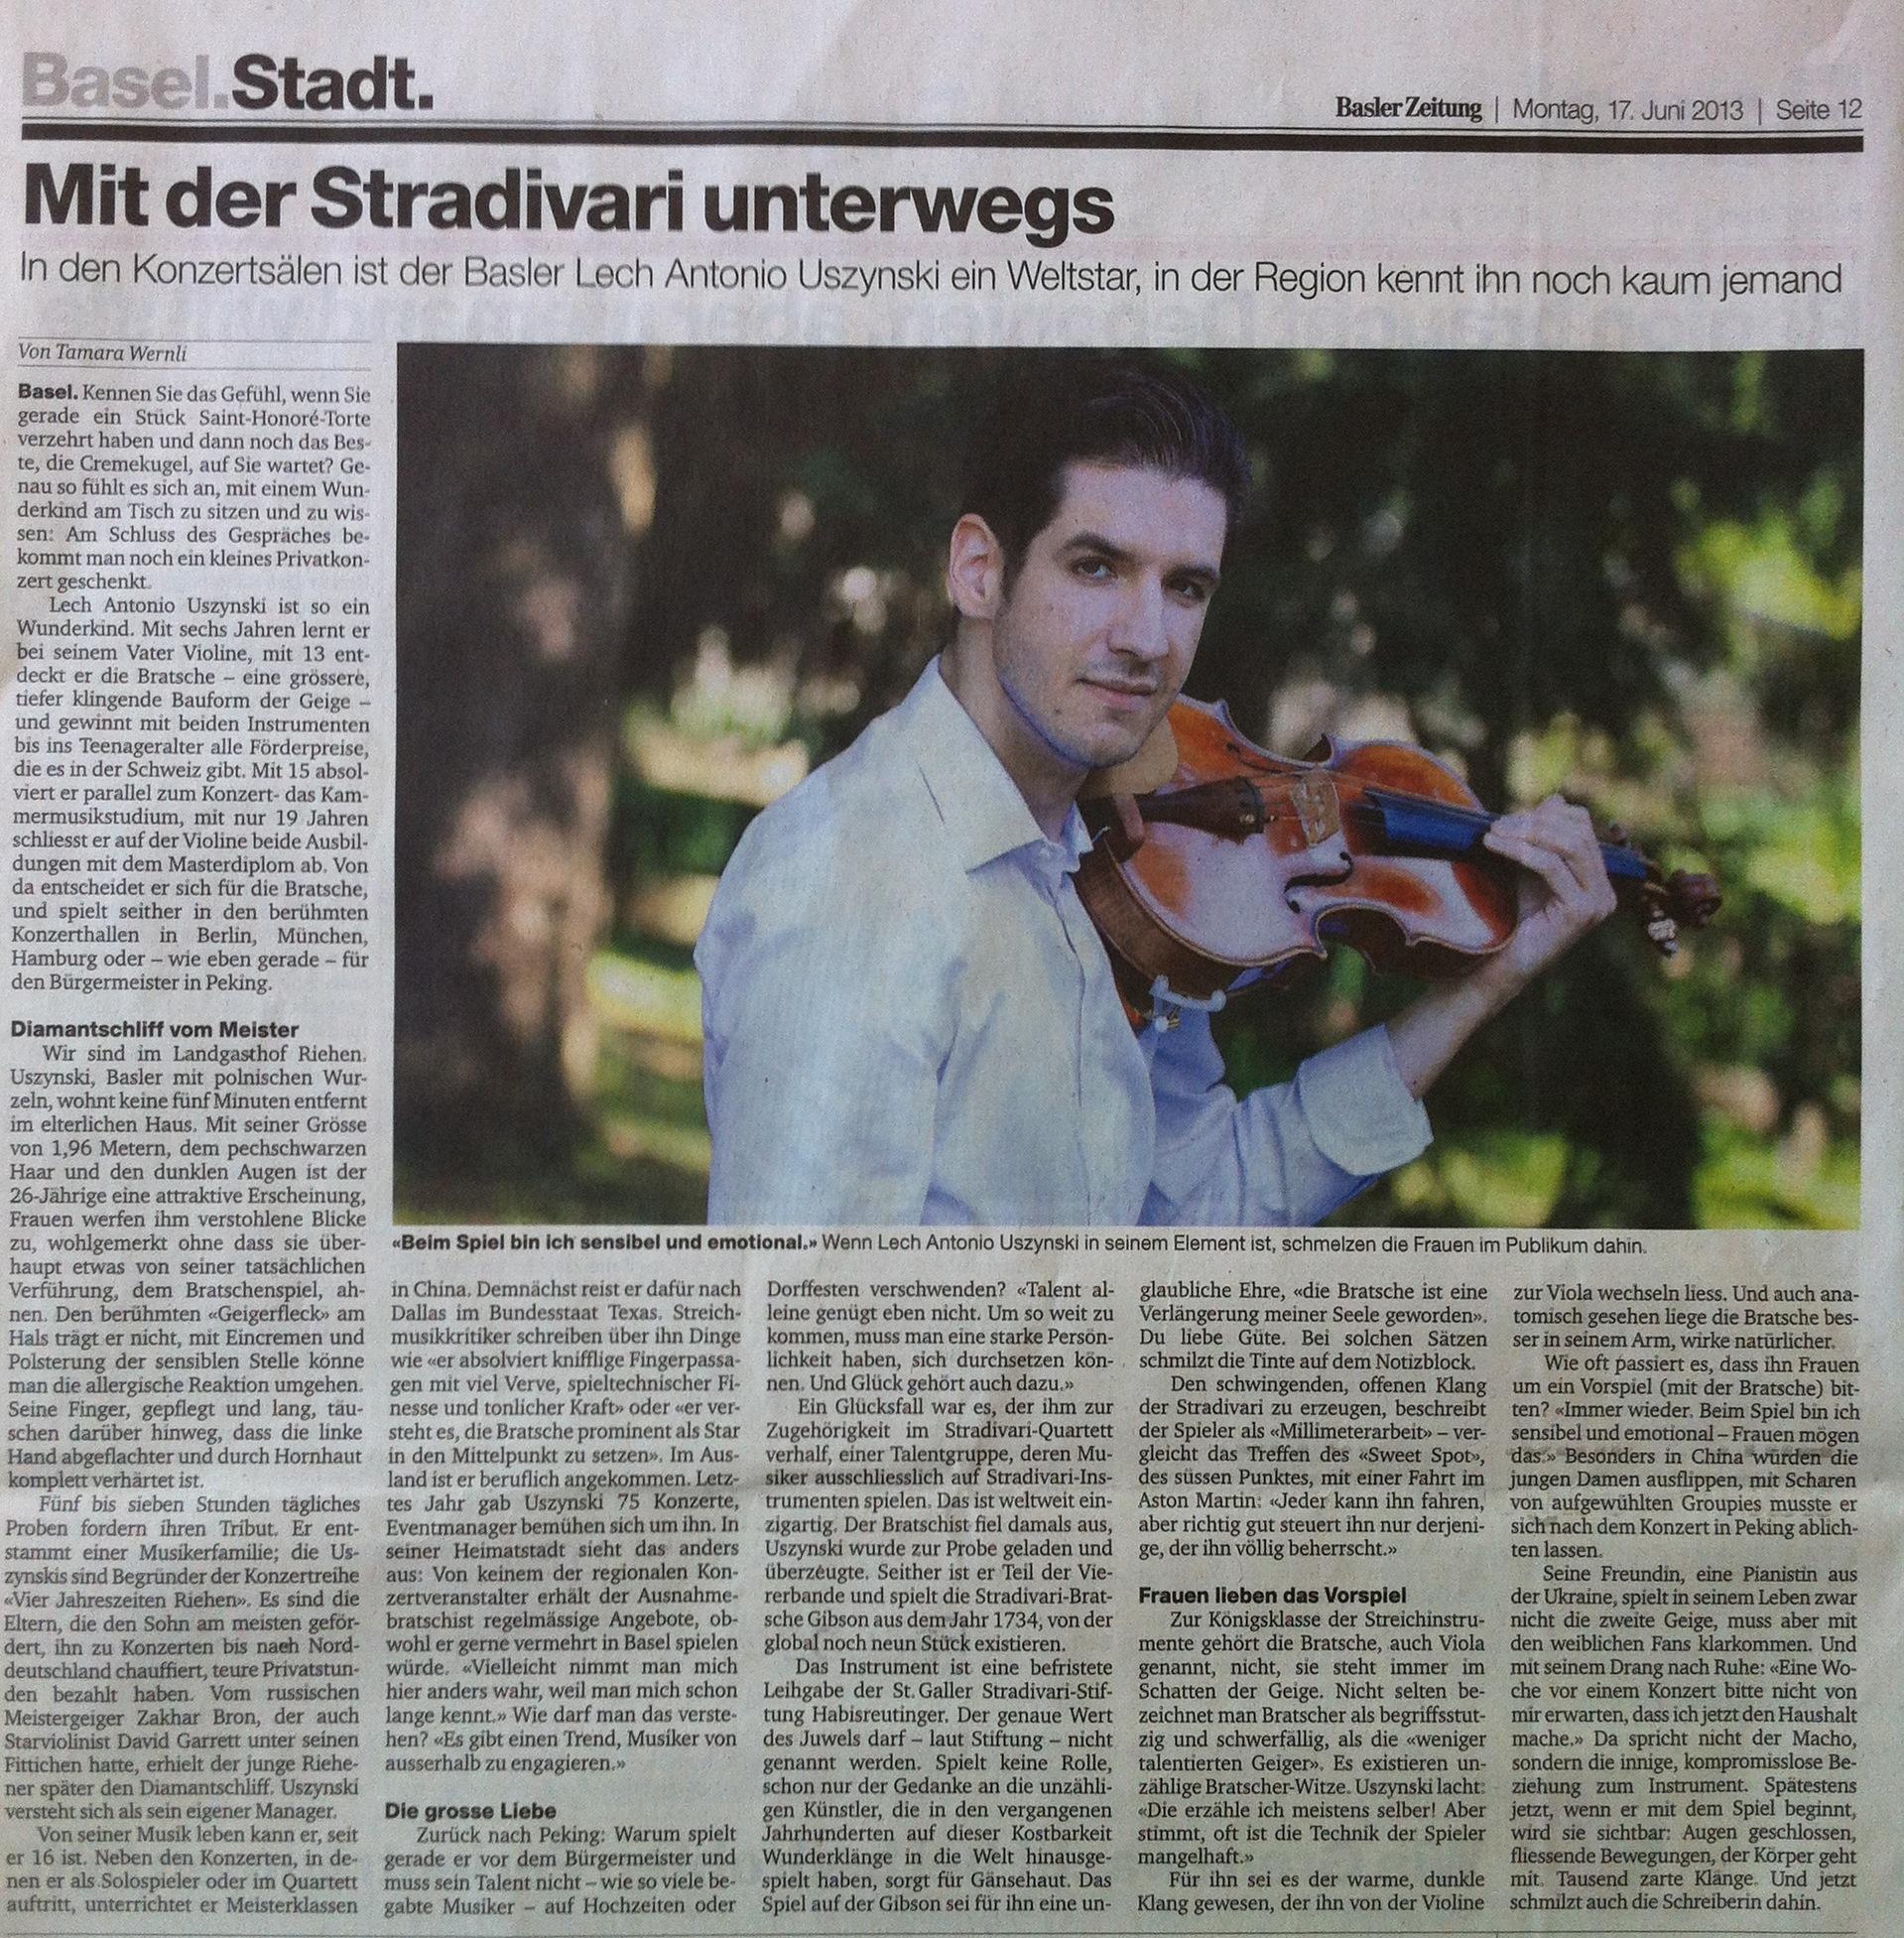 Basler Zeitung - 17.06.2013